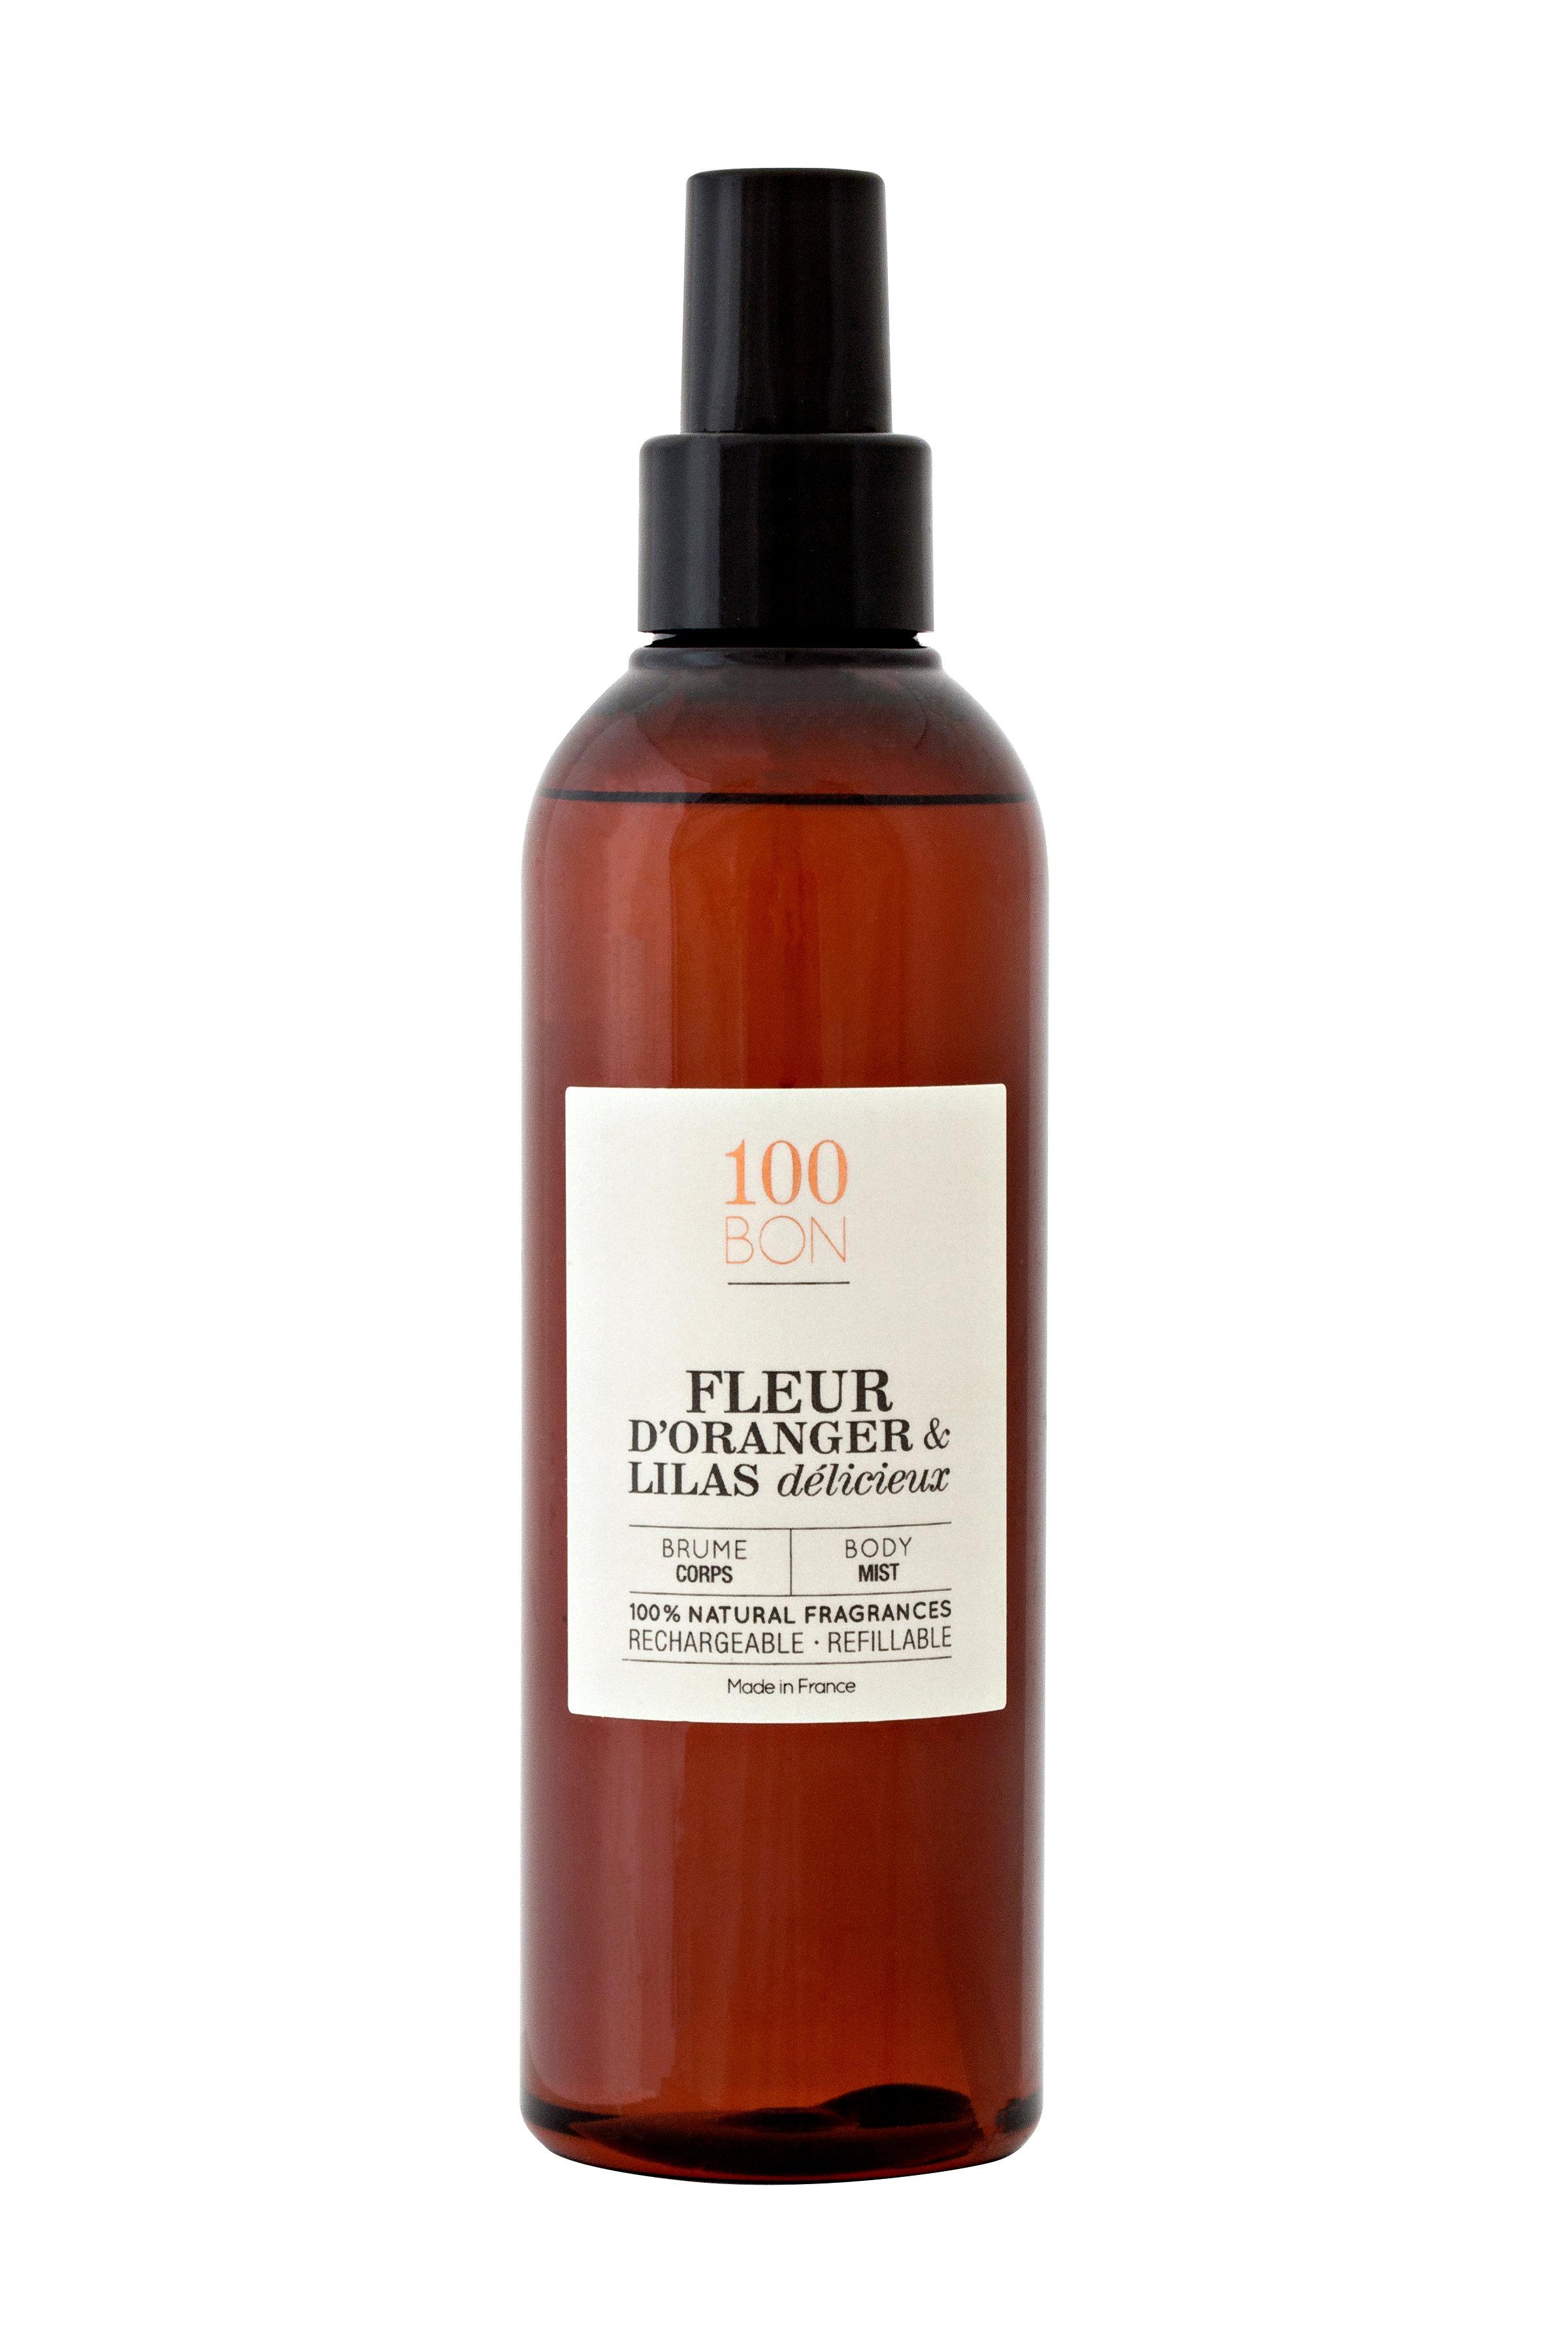 Bilde av Fleur D'oranger & Lilas Délicieux Body Mist 200 Ml